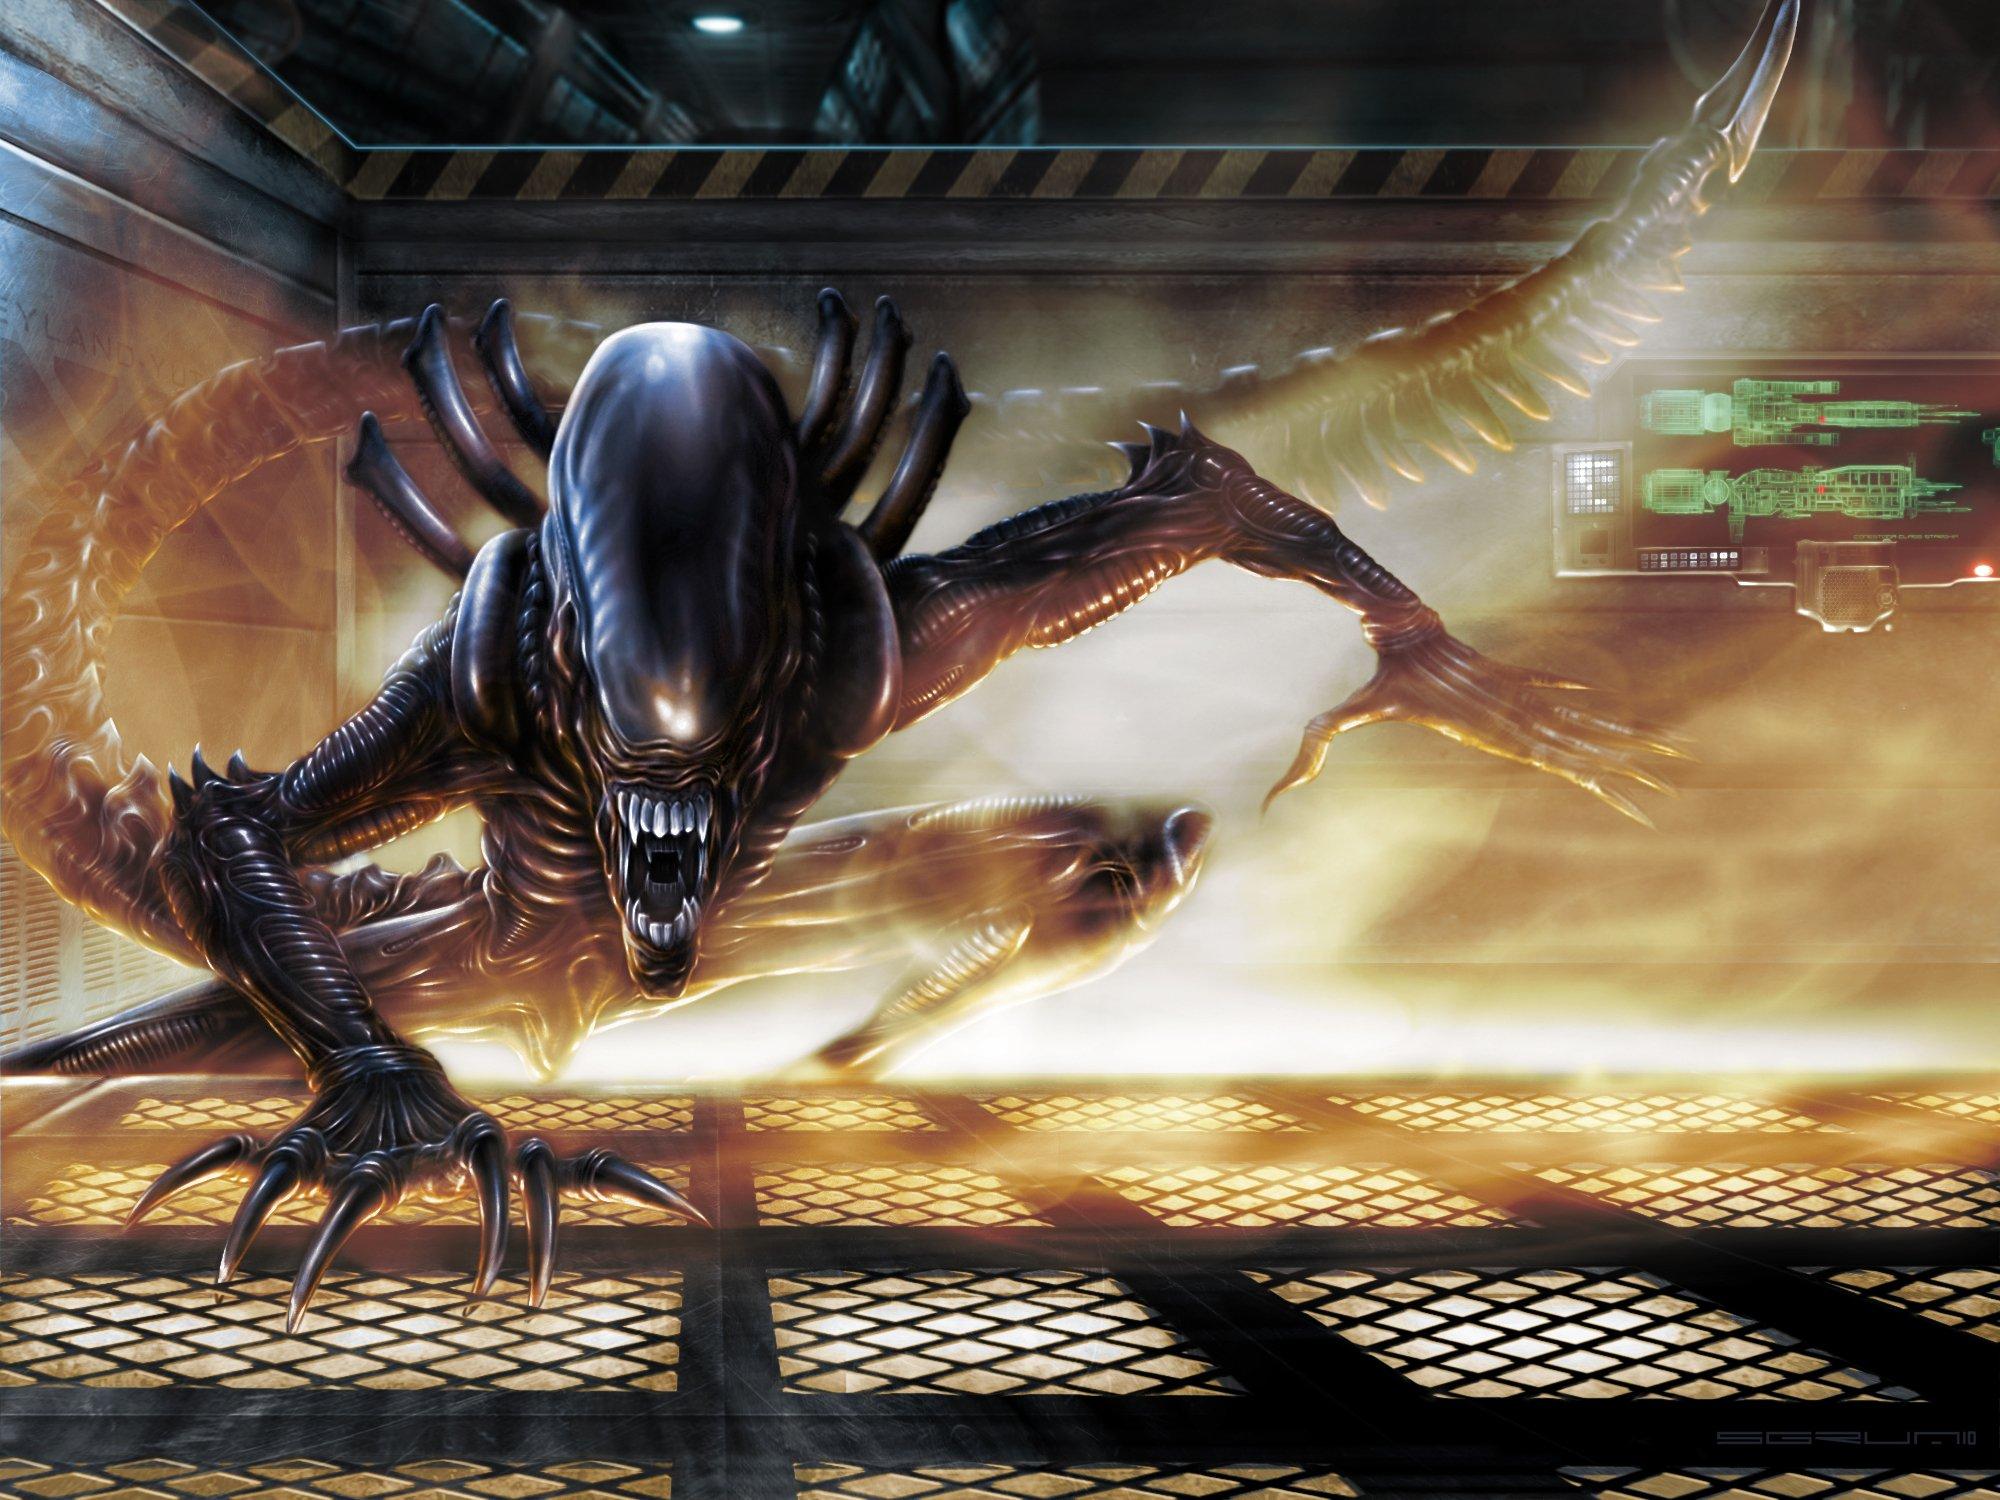 Alien Resurrection sci fi aliens wallpaper 2000x1500 74870 2000x1500